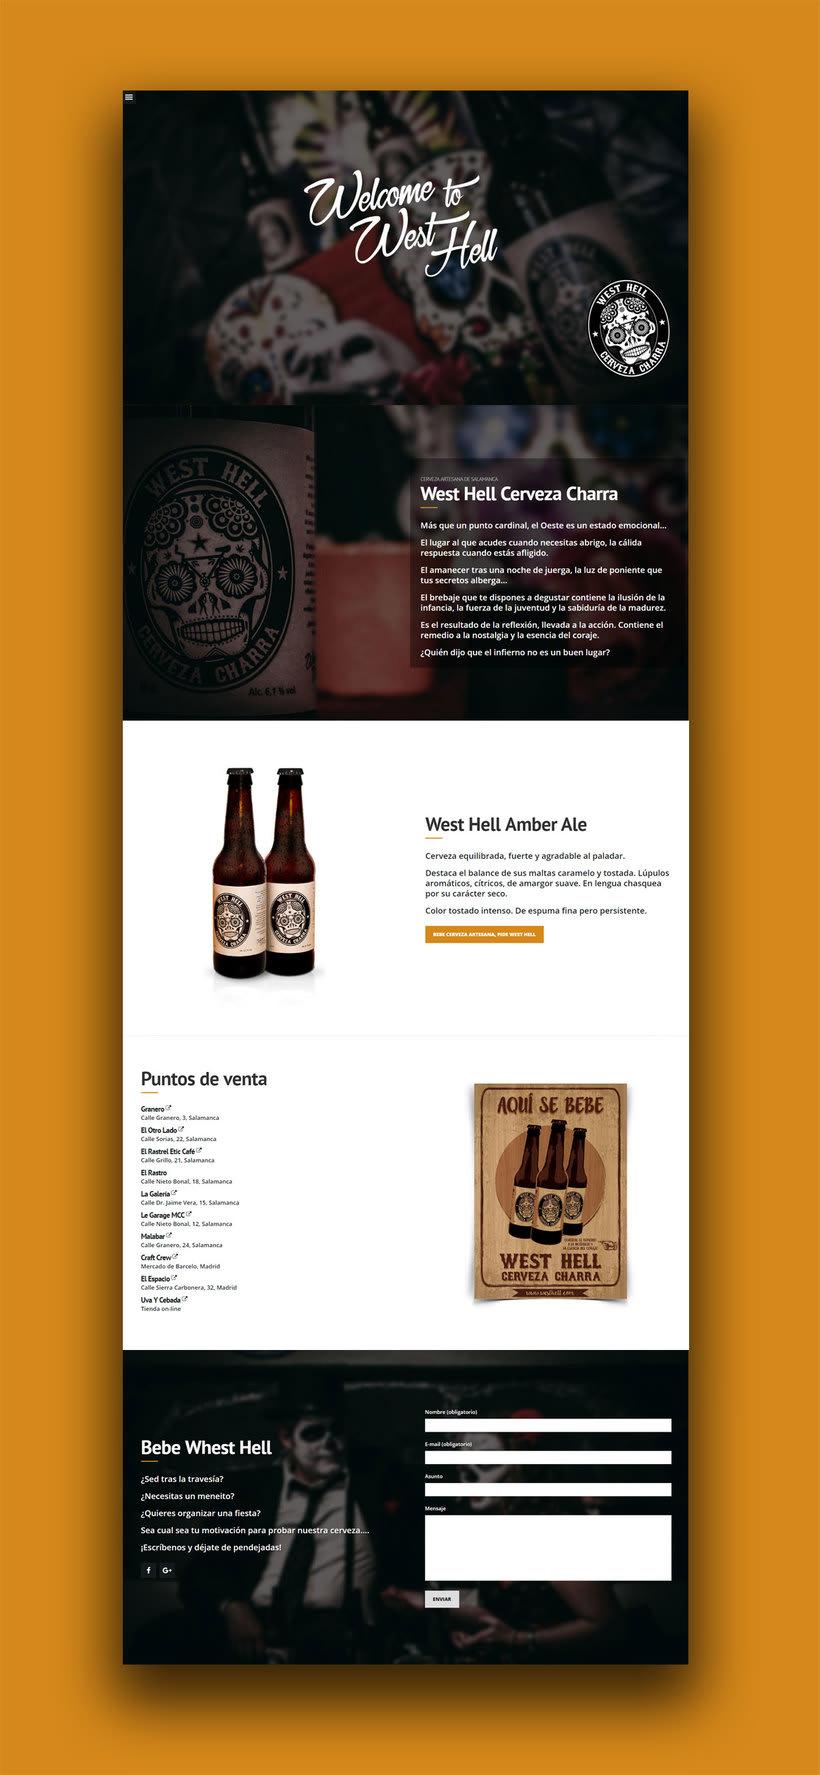 Diseño web y fotografía: West Hell Cerveza Charra 0